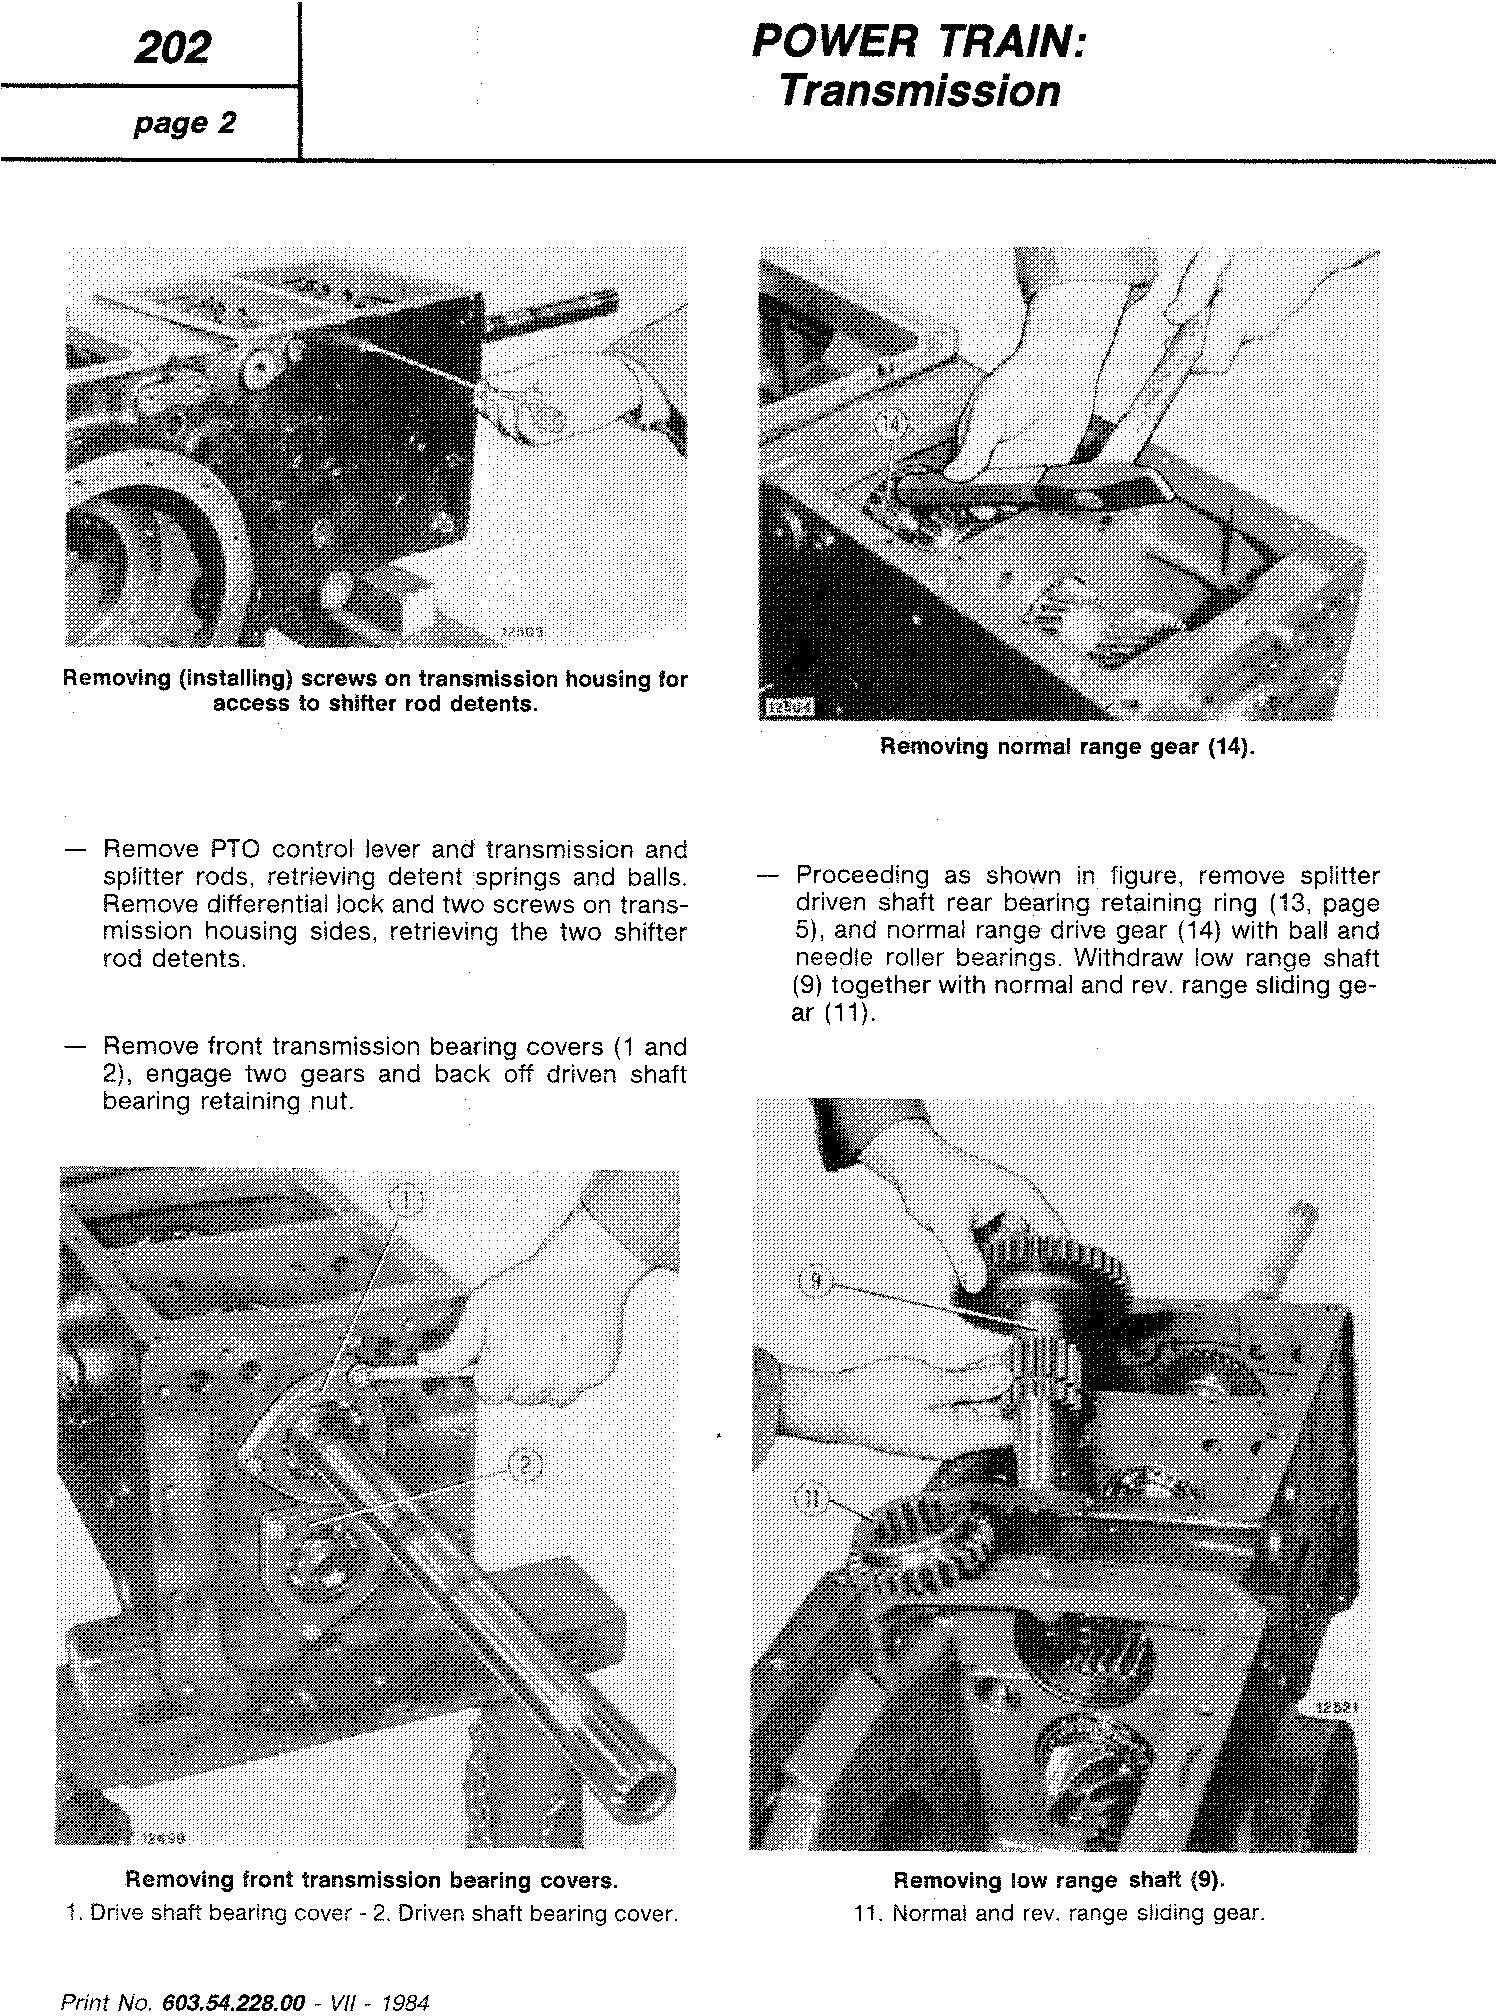 Fiat 466, 466DT, 566, 566DT, 666, 666DT, 766, 766DT Tractor Service Manual (6035422800) - 3